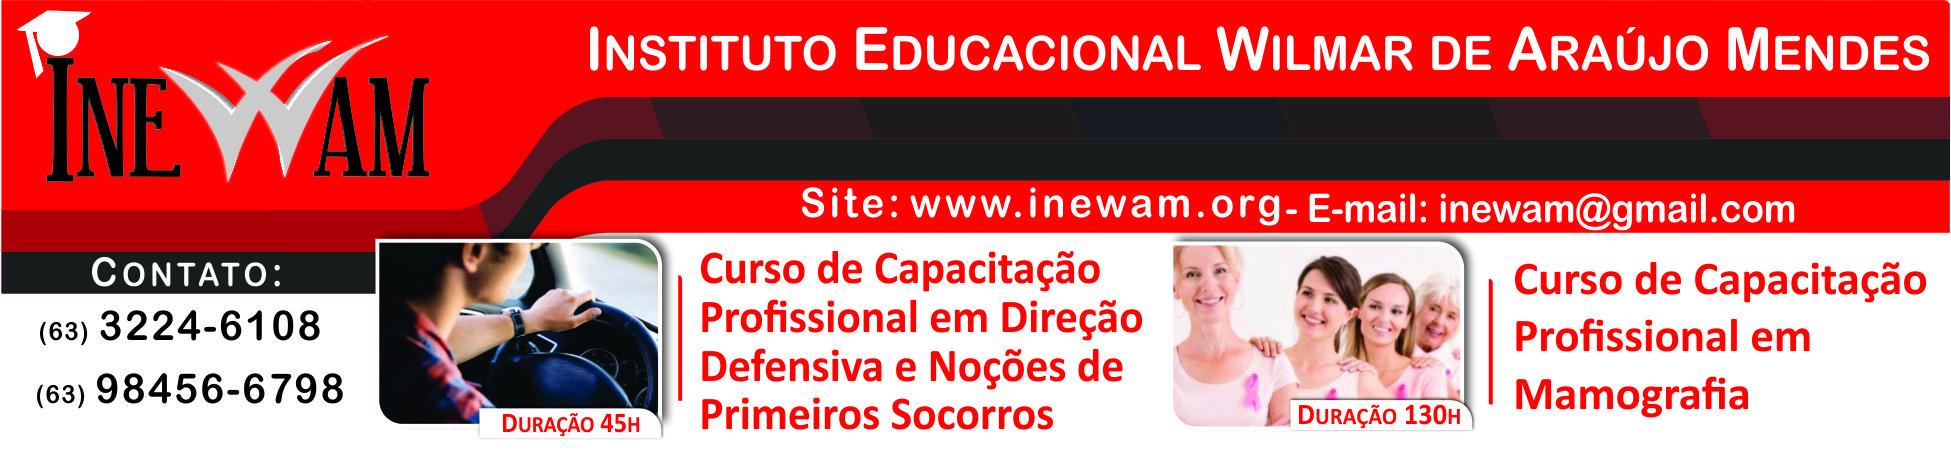 inewam 2